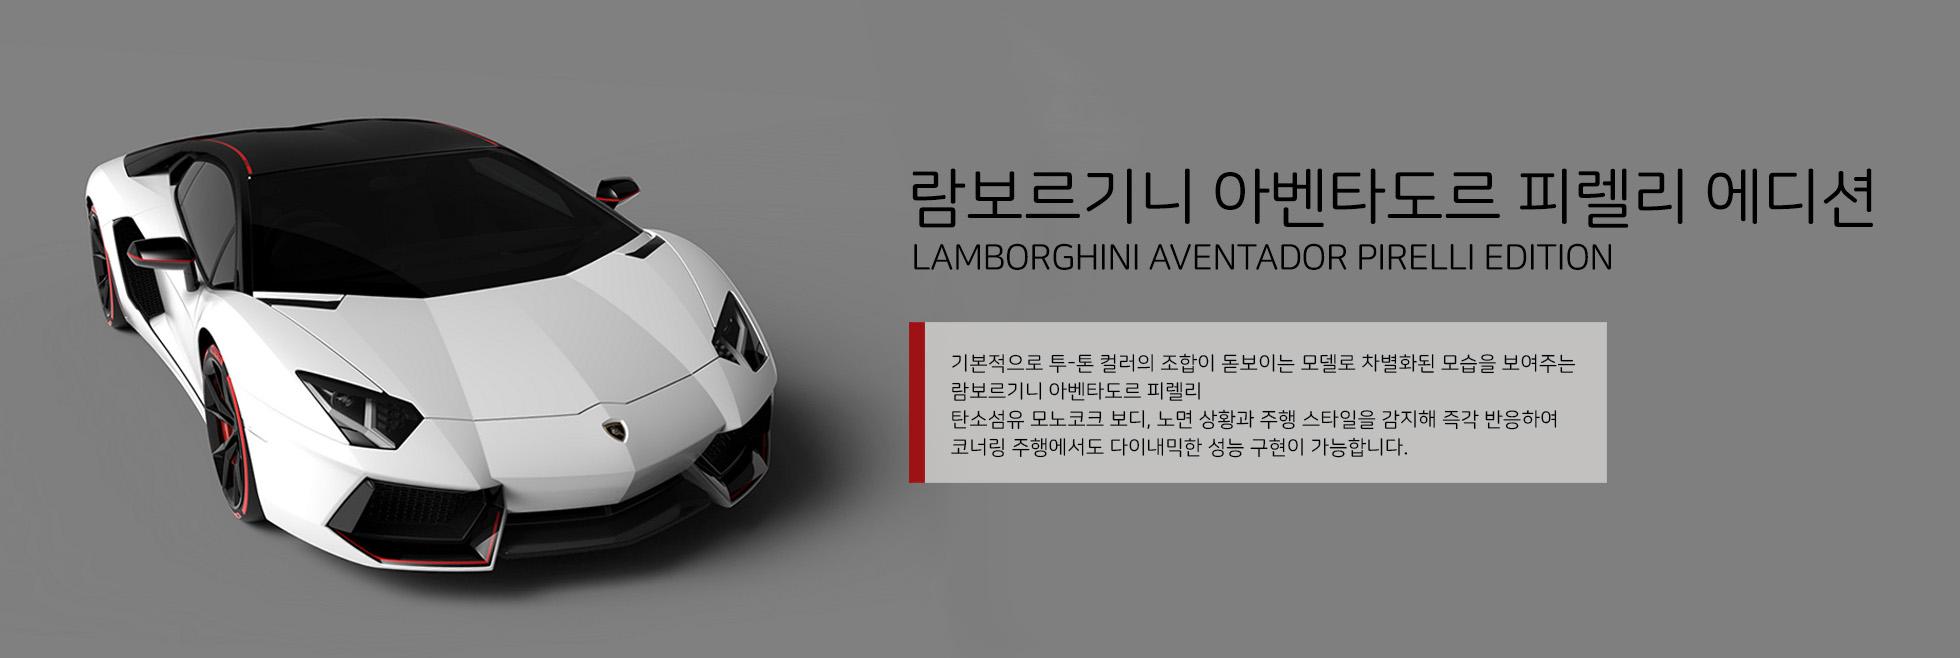 람보르기니-아벤타도르-피렐리-설명-수정-02